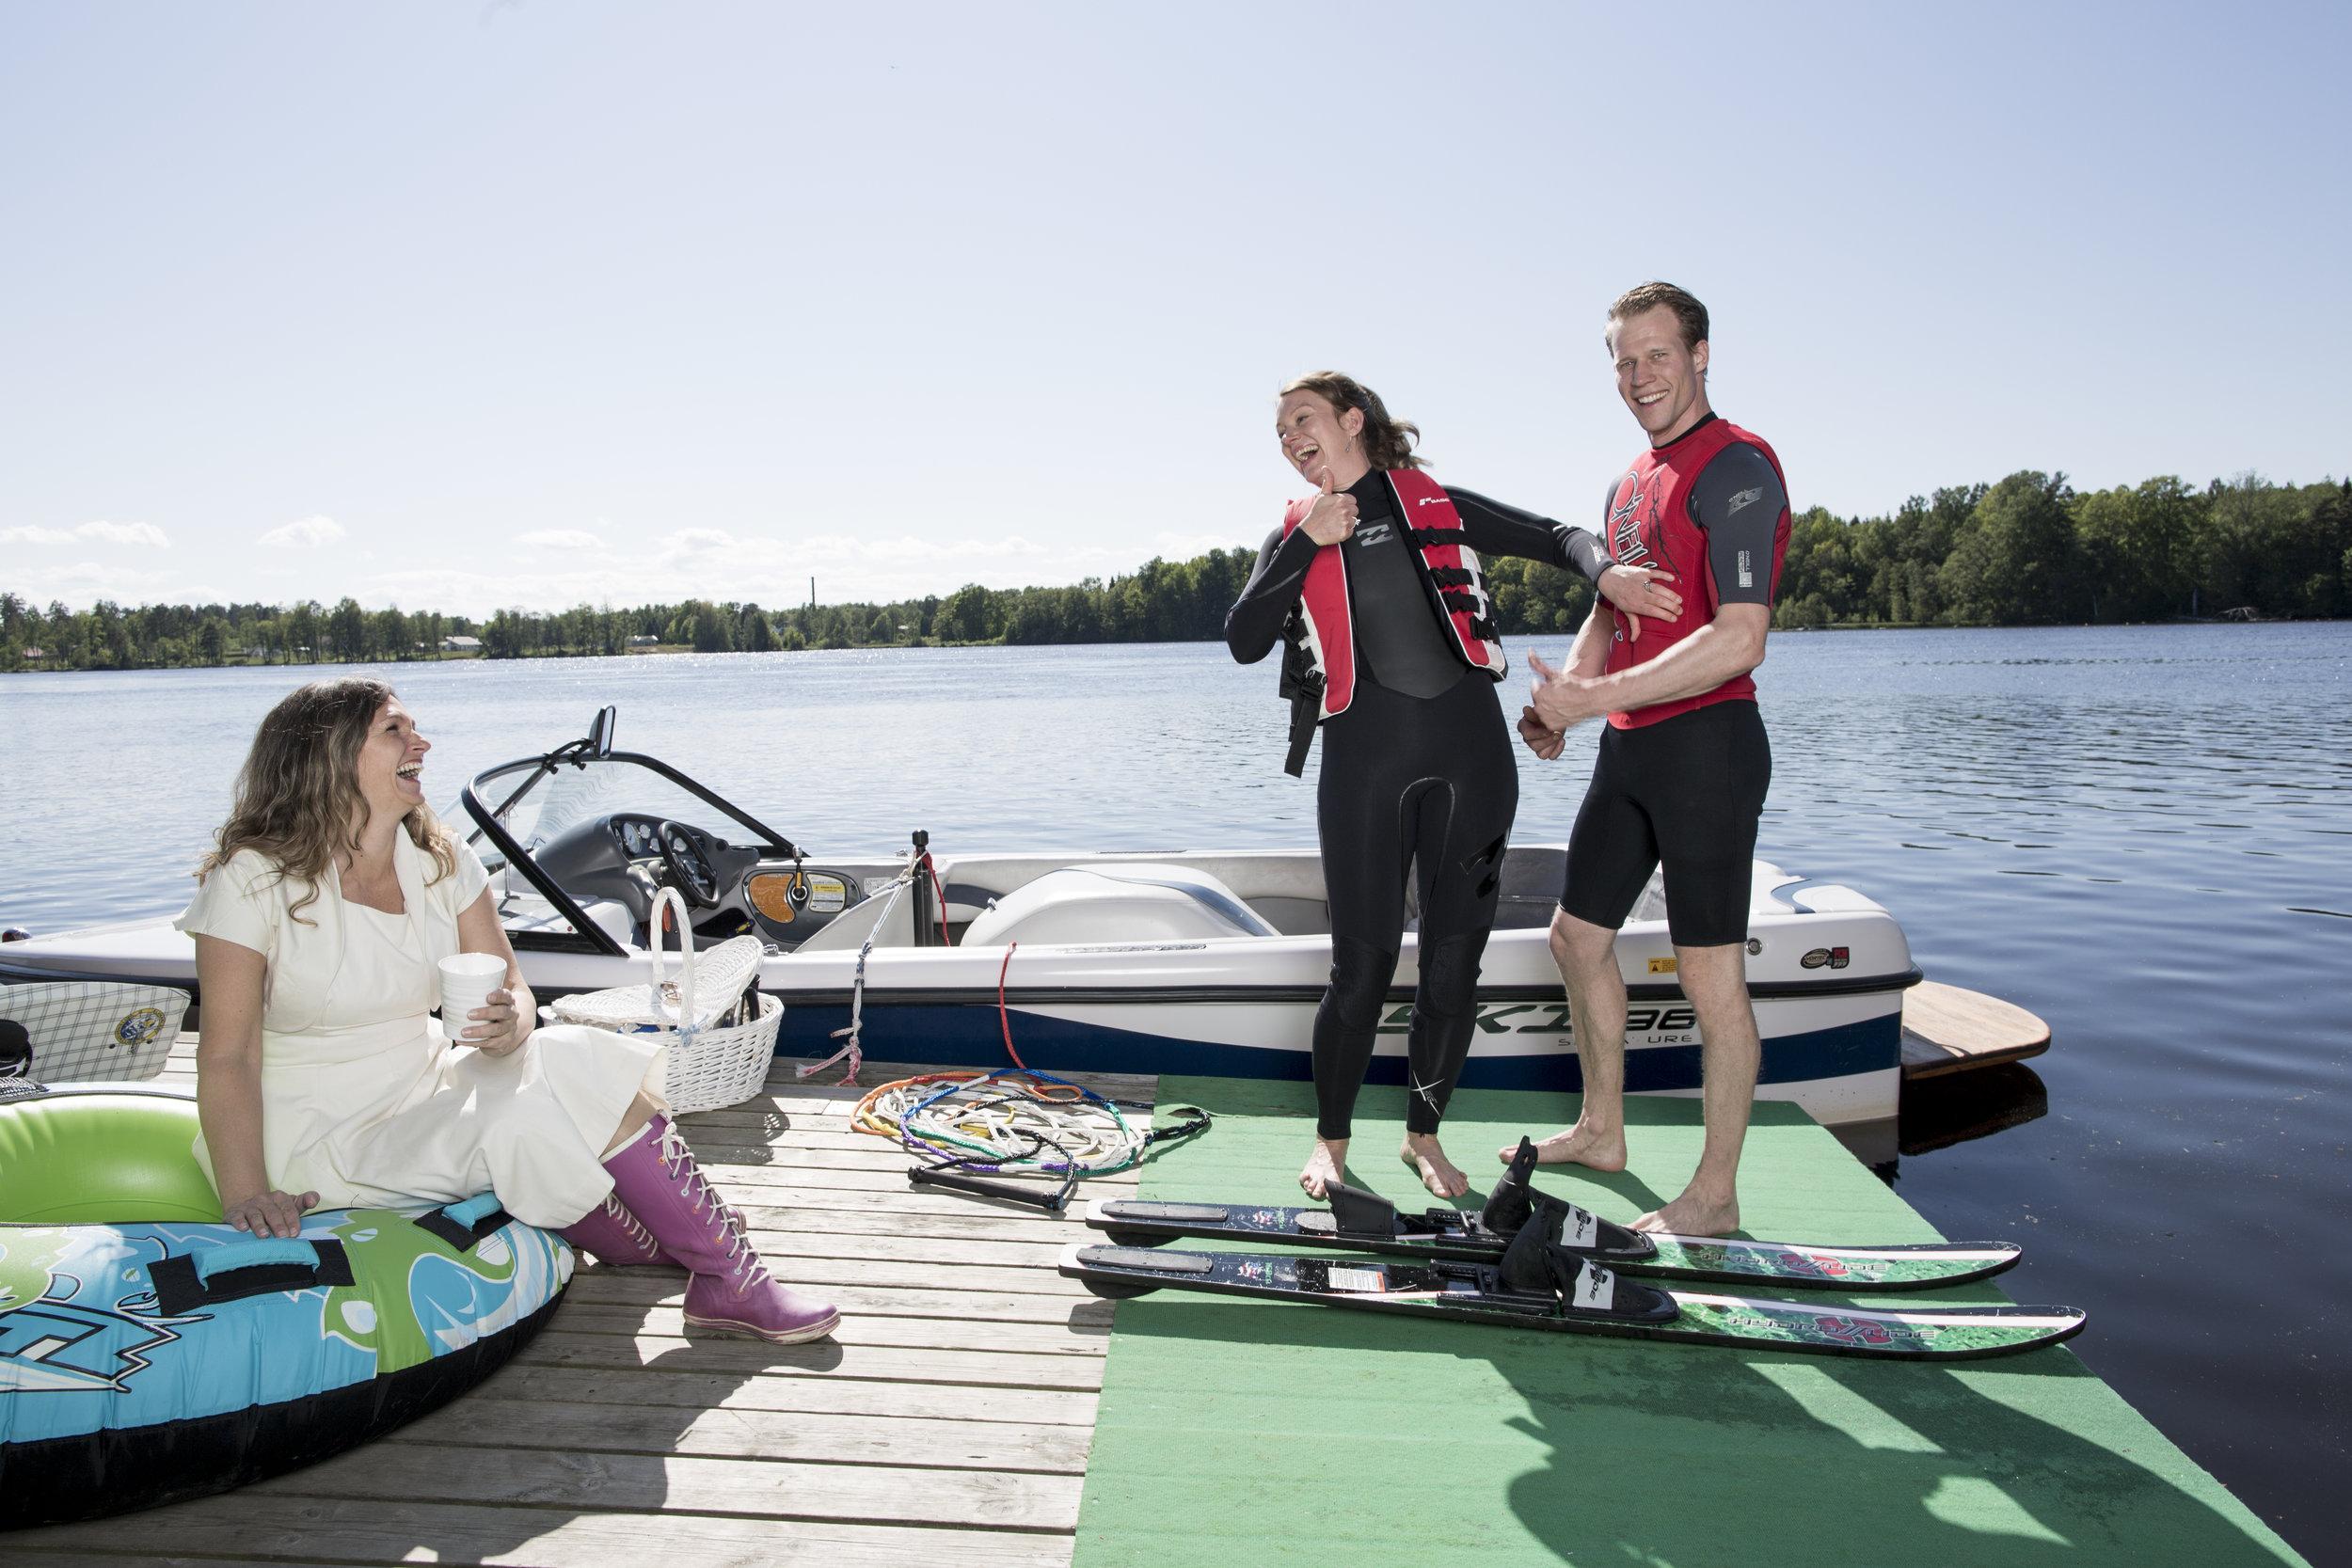 VATTENSKIDOR Vattenskidåkning är en populär möhippeaktivitet, det går att åka däck med..